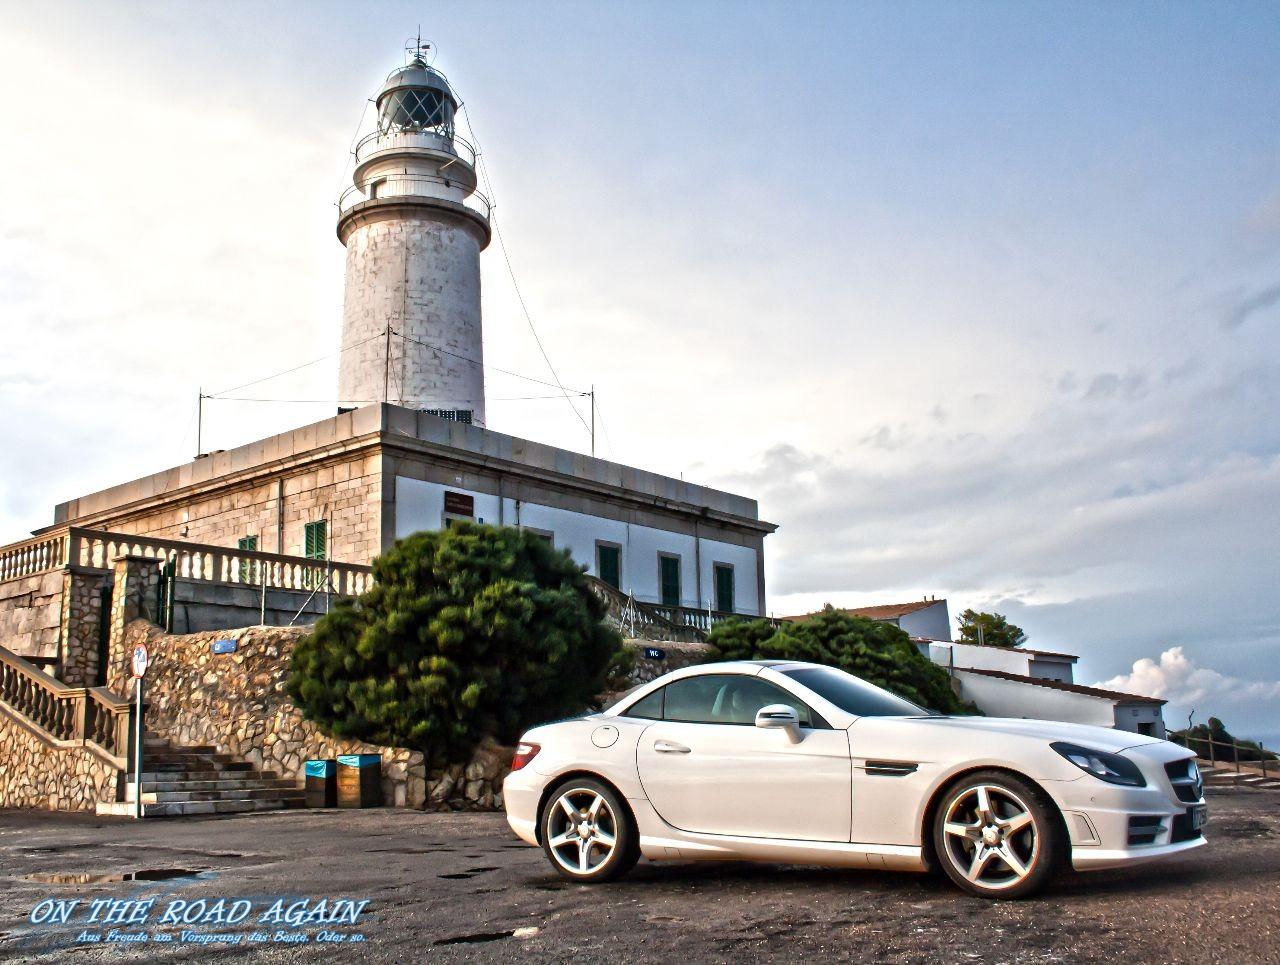 Mercedes SLK 250 CDI am Cap Formentor